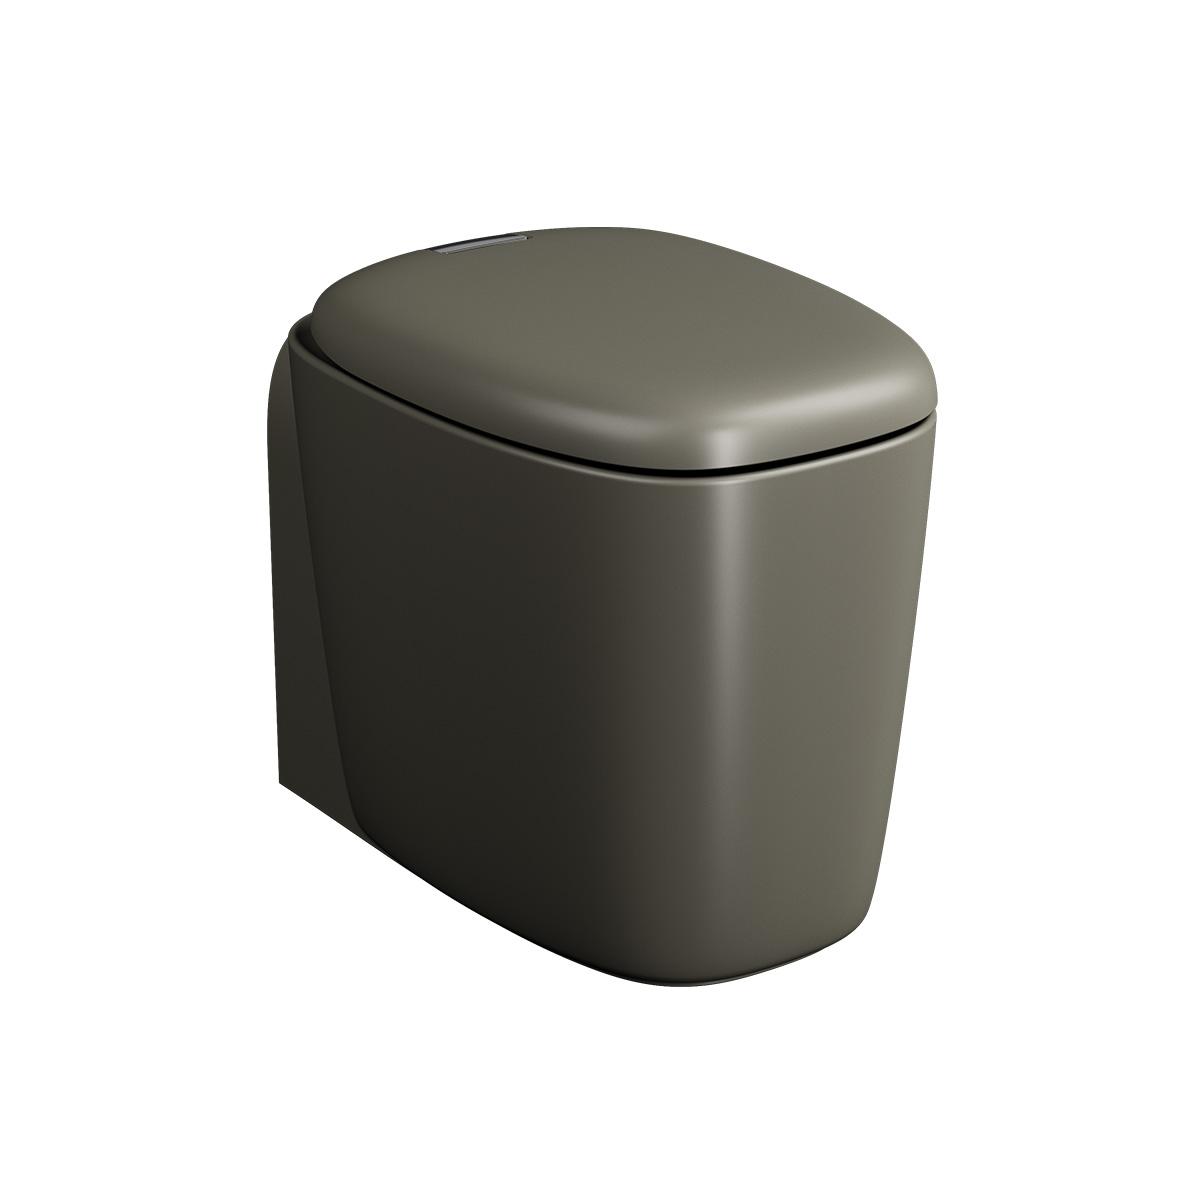 Plural WC BTW sans bride, fonction bidet, 55 cm, VC, vison mat